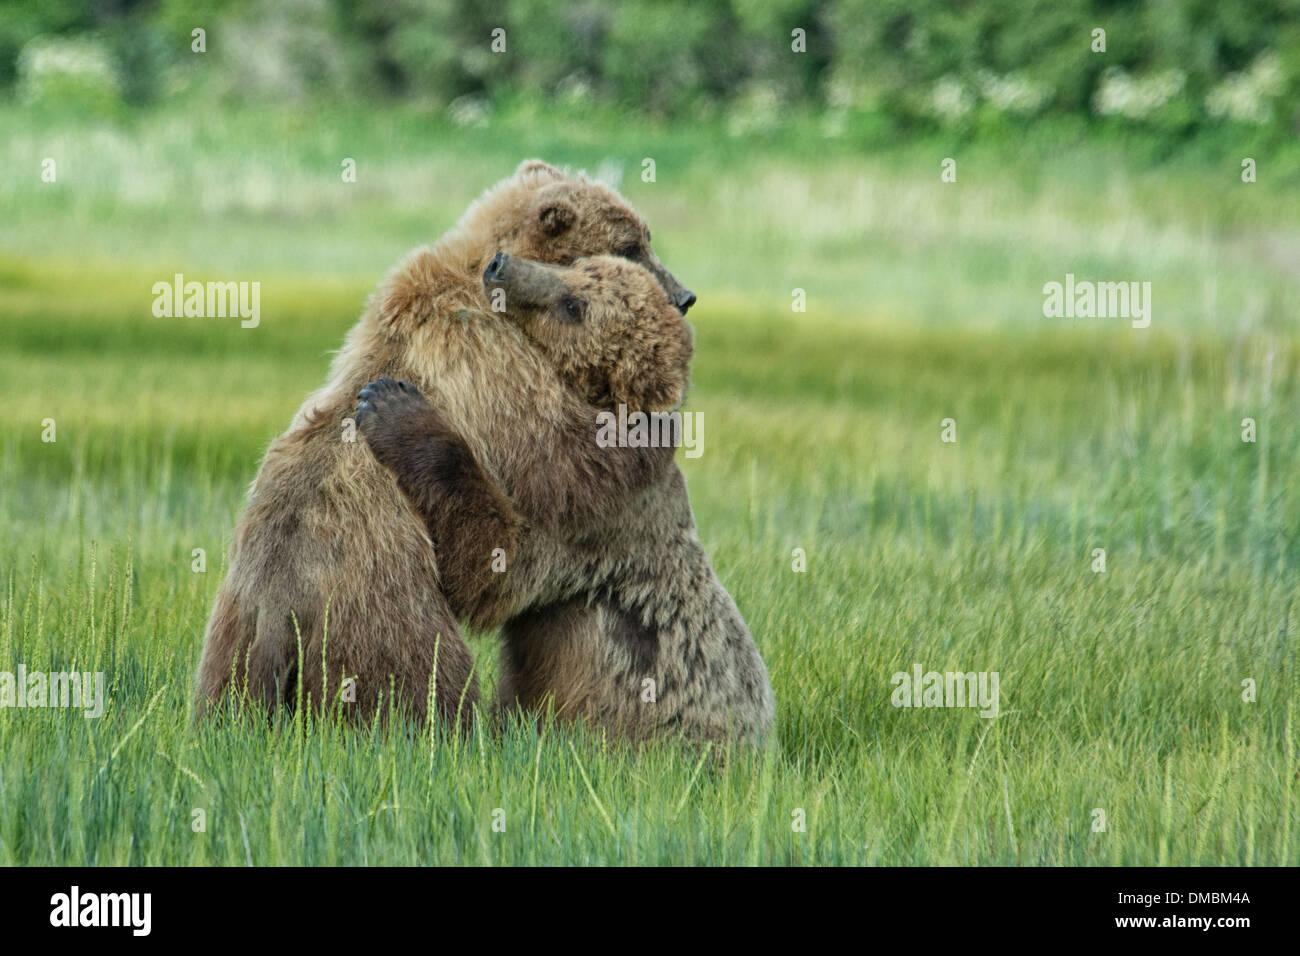 Grizzly Bear Yearling Cubs, osos pardos de Alaska, Ursus arctos, abrazarse durante un episodio de jugar combates, Lake Clark National Park, Alaska, EE.UU. Foto de stock